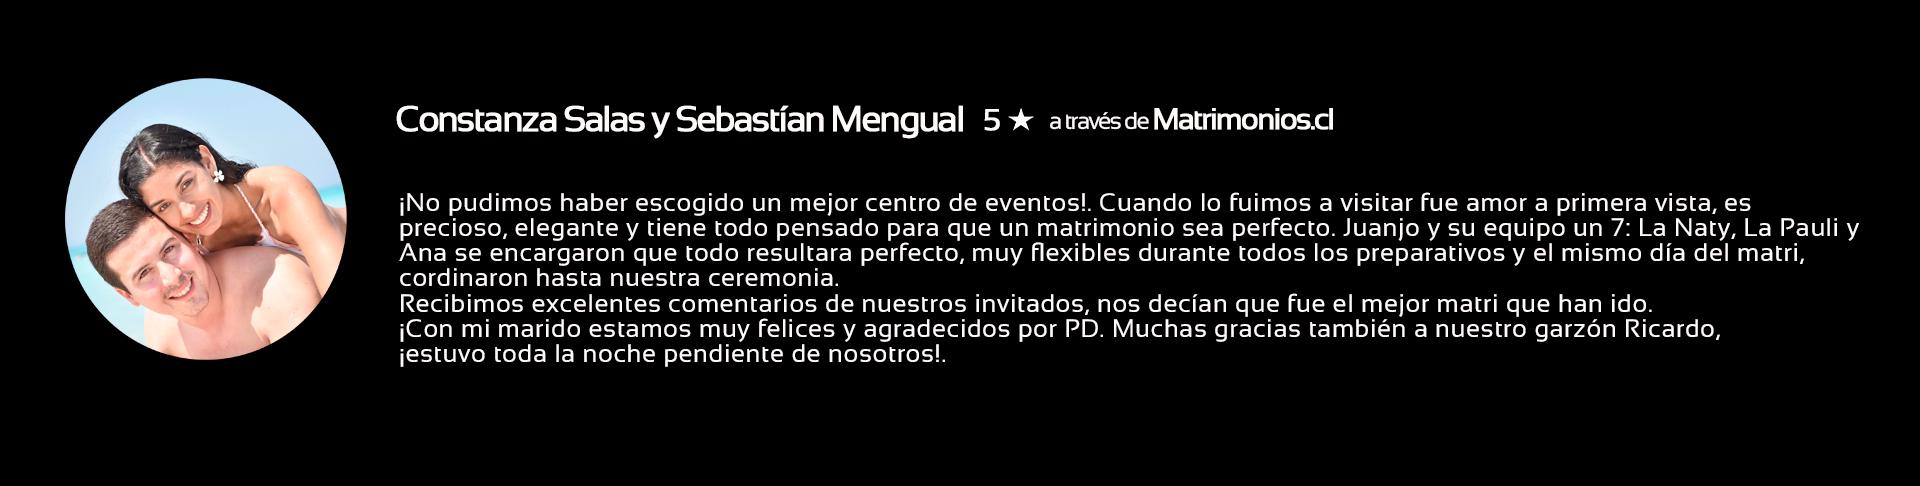 constanza_y_sebastián.png